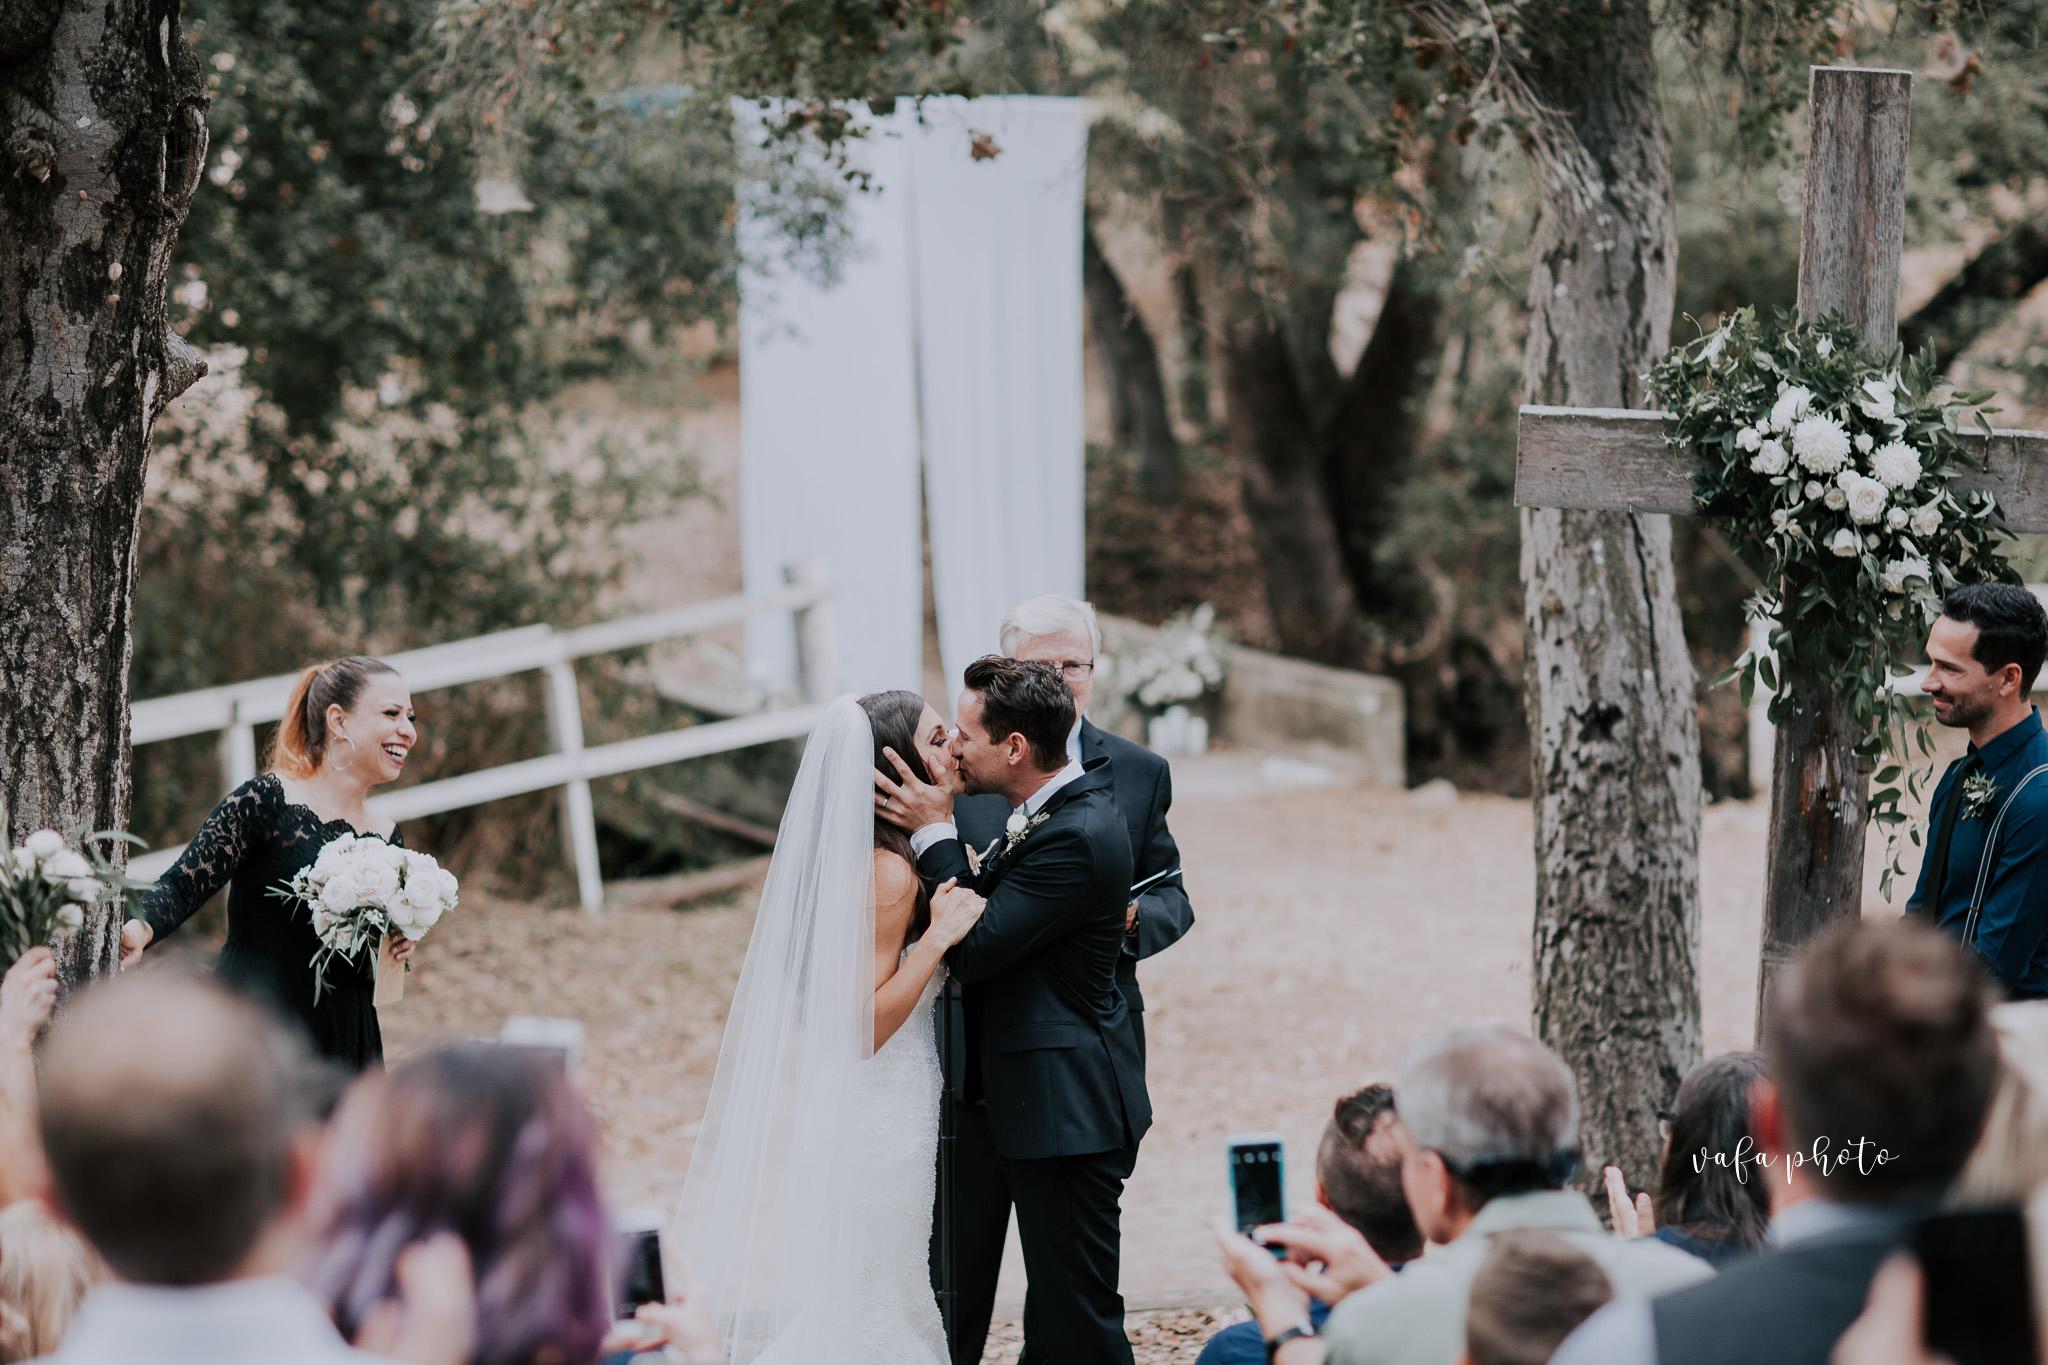 Southern-California-Wedding-Britt-Nilsson-Jeremy-Byrne-Vafa-Photo-490.jpg